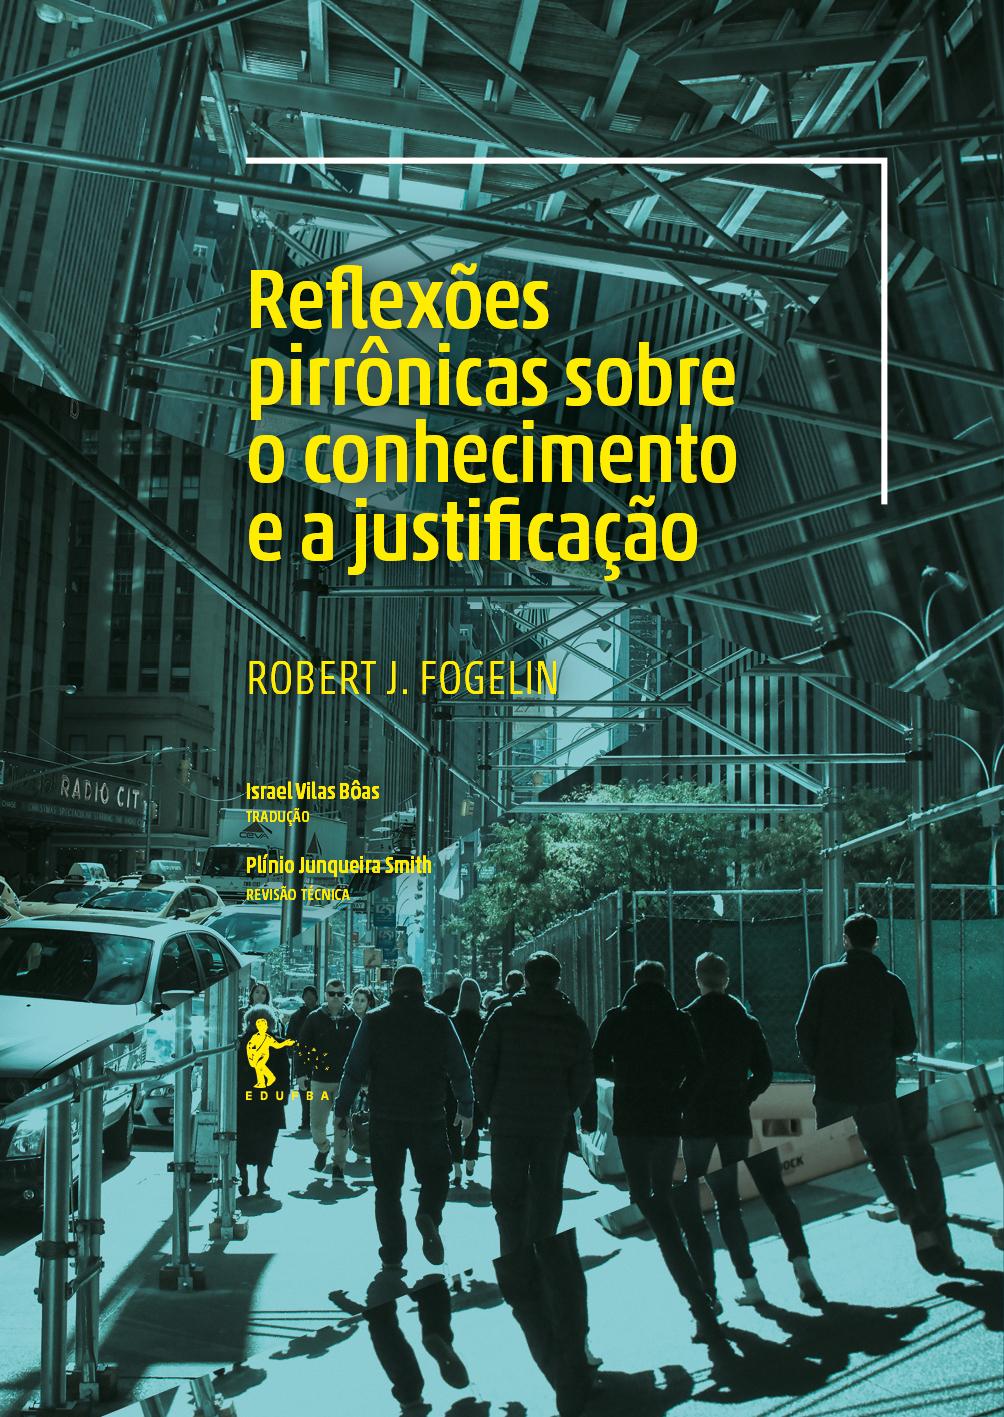 Reflexões pirrônicas sobre o conhecimento e a justificação, livro de Robert J. Fogelin